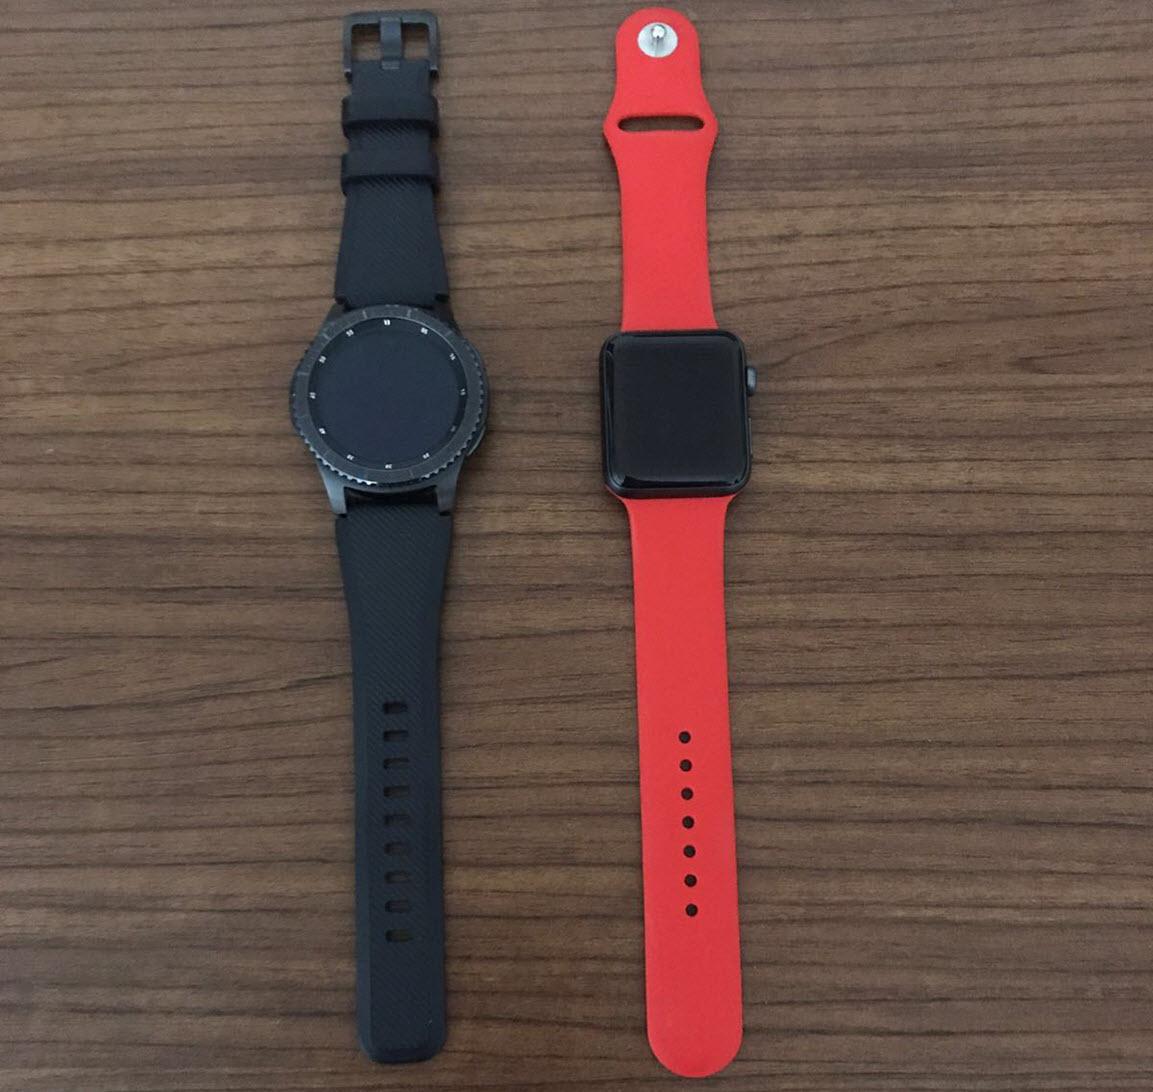 akilli saat galeri 06 Yurt Dışından Samsung Gear S3 ve Apple Watch Kordonu Almak